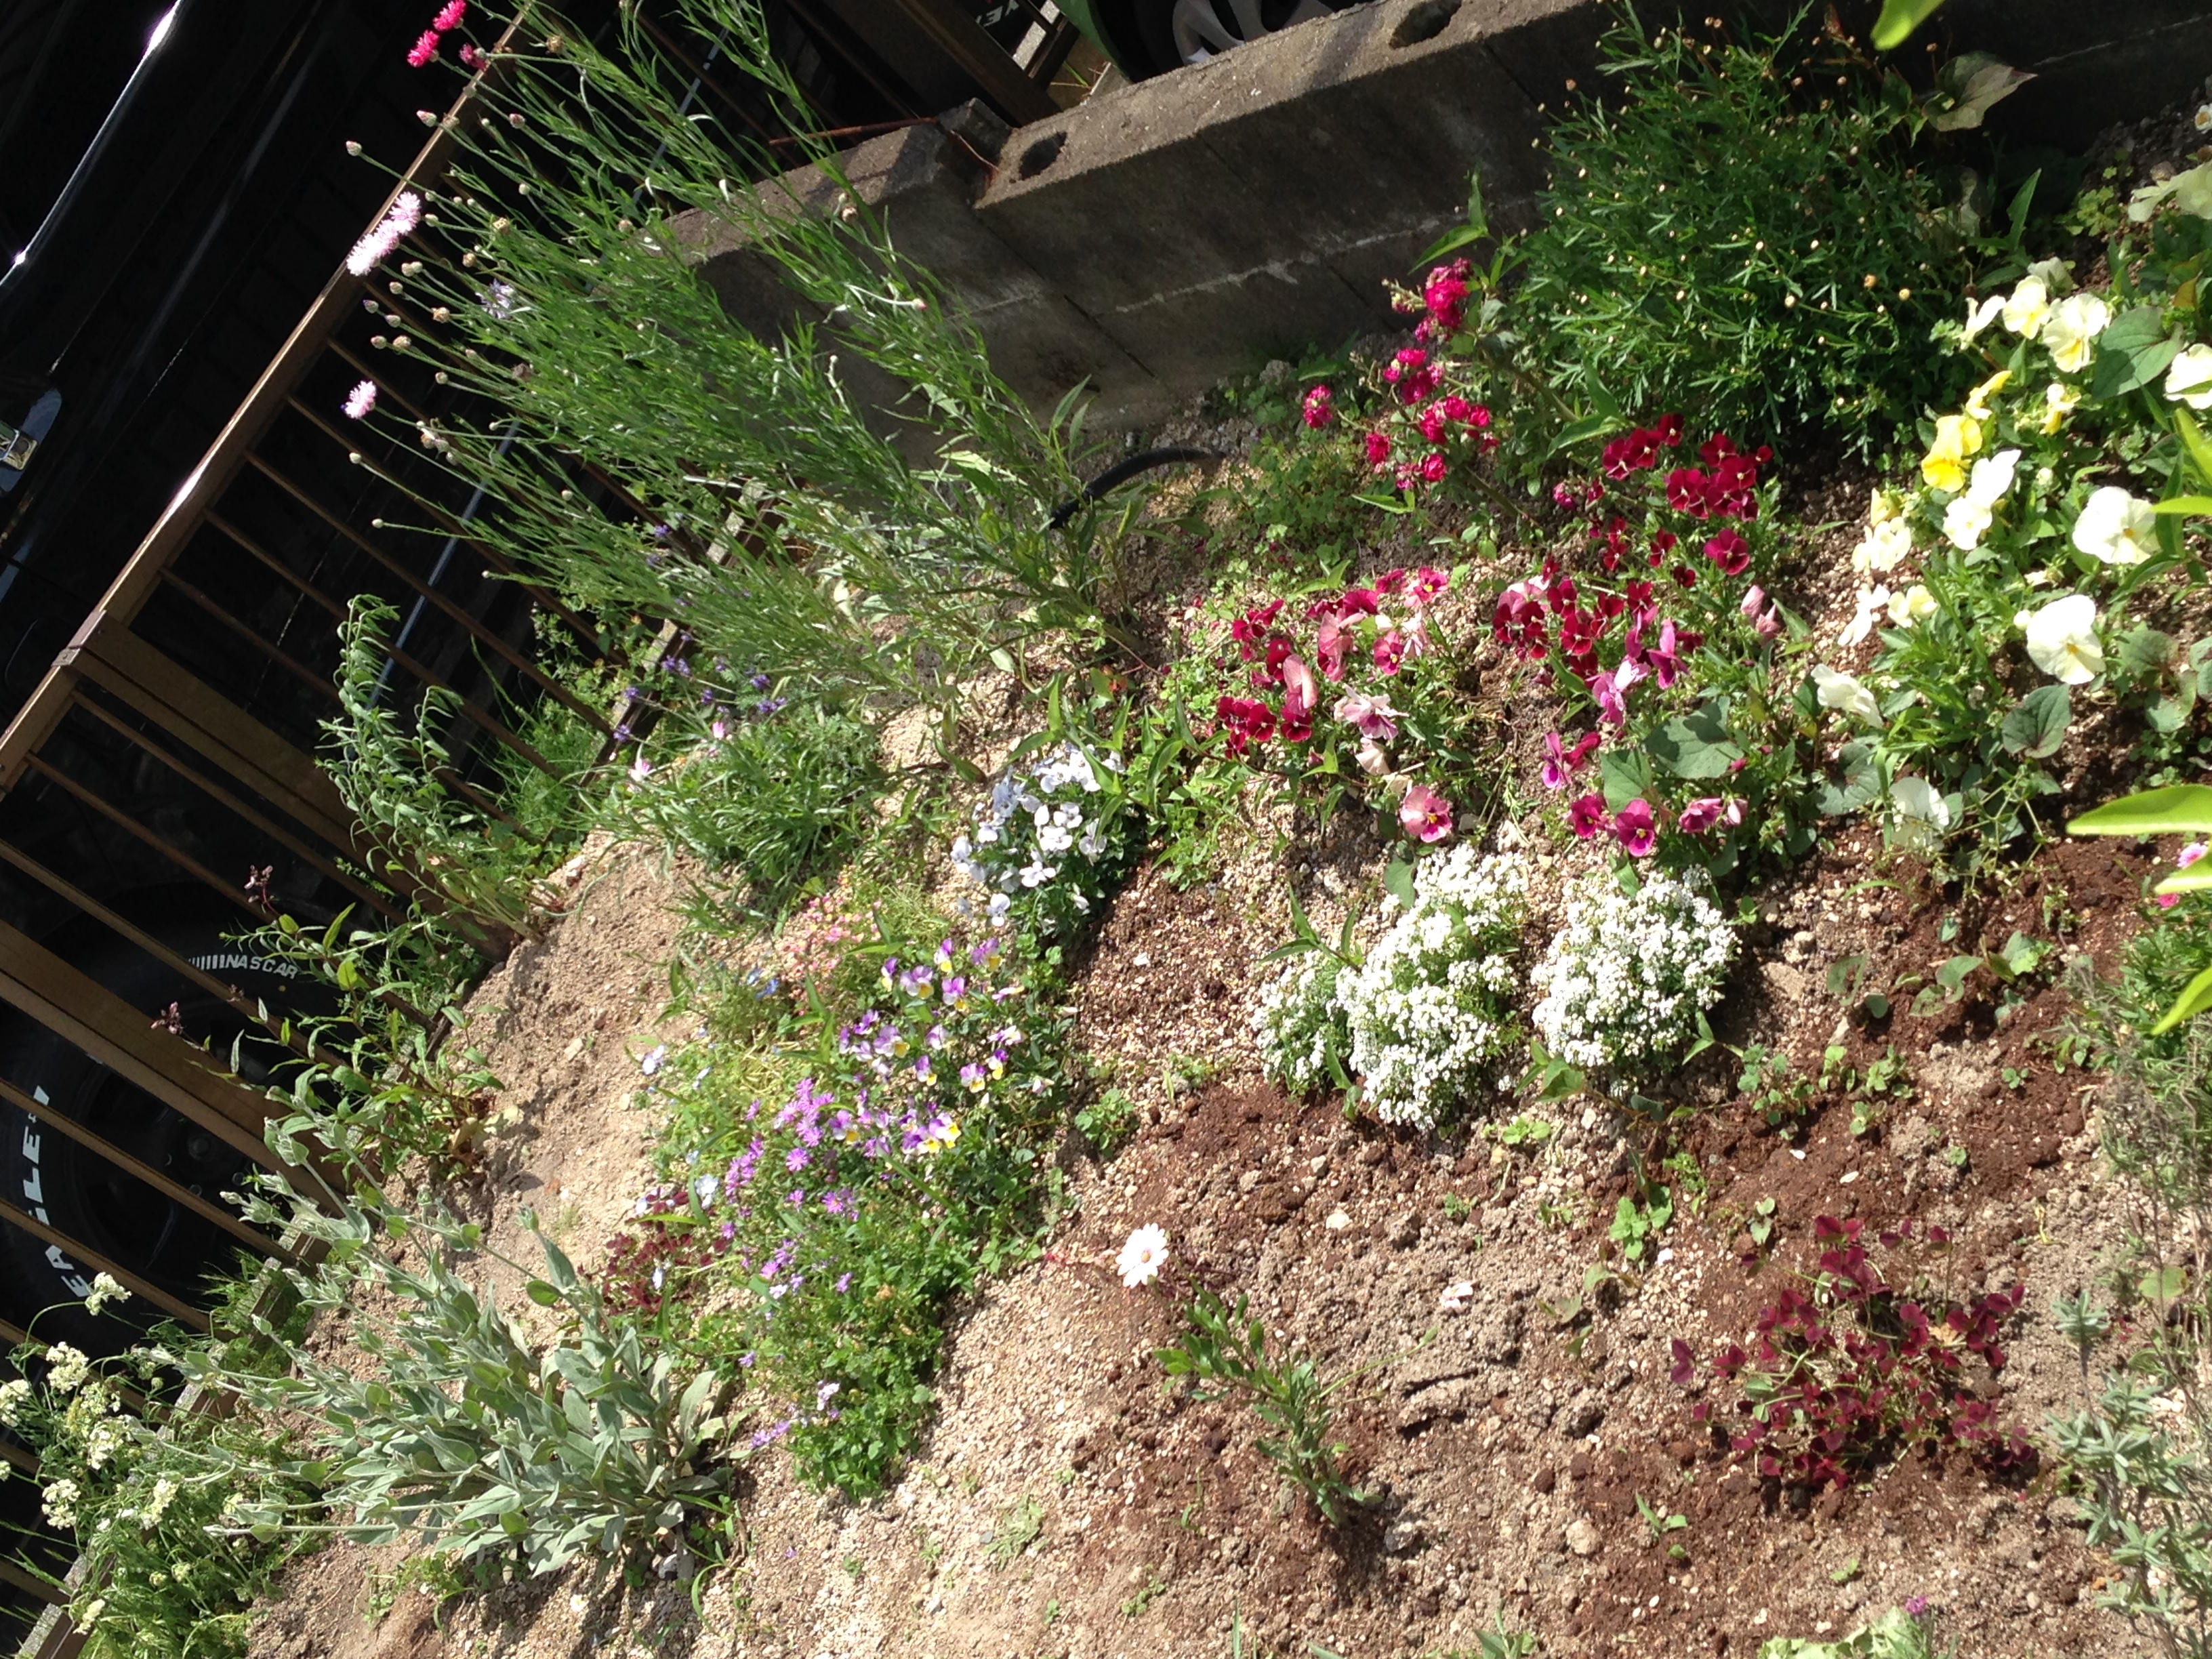 お庭にお花のある暮らしを少しずつ・・。